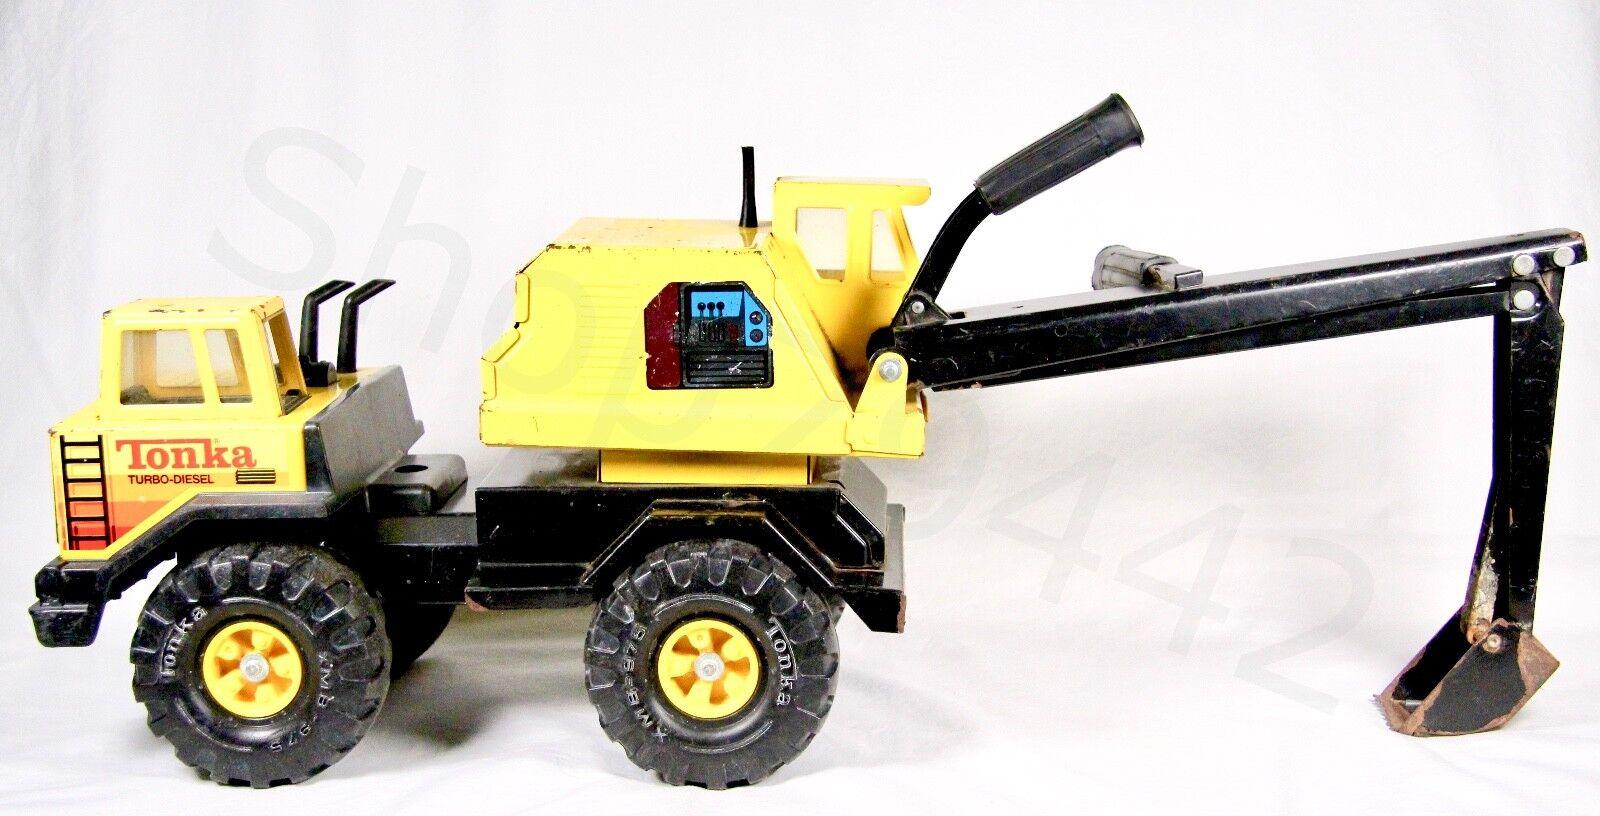 Vintage TONKA Metal Excavator Yellow Turbo Diesel Pressed Steel Handles Gift